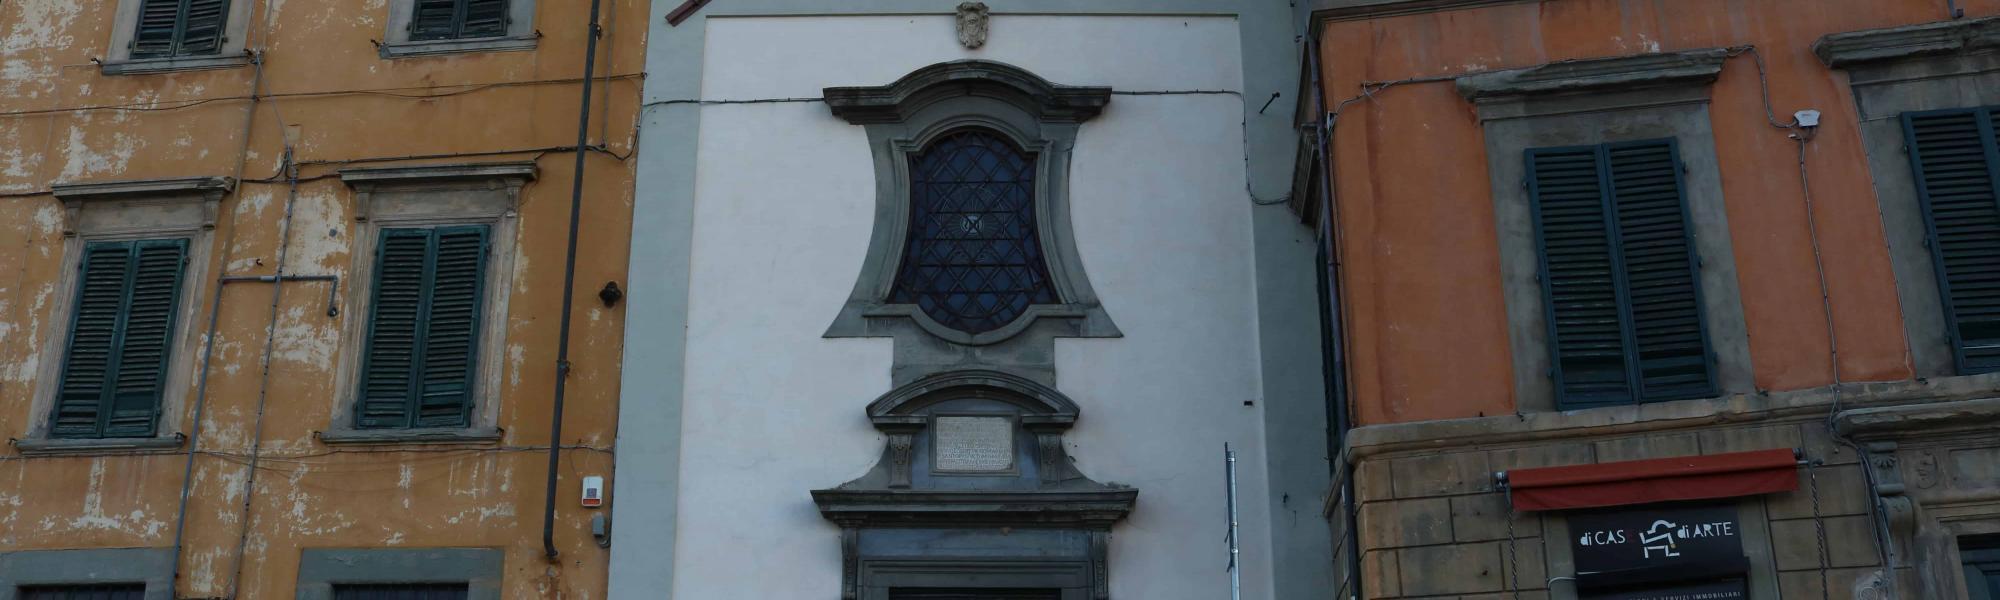 Chiesa di Santa Maria dei Galletti   Comune di Pisa - Turismo